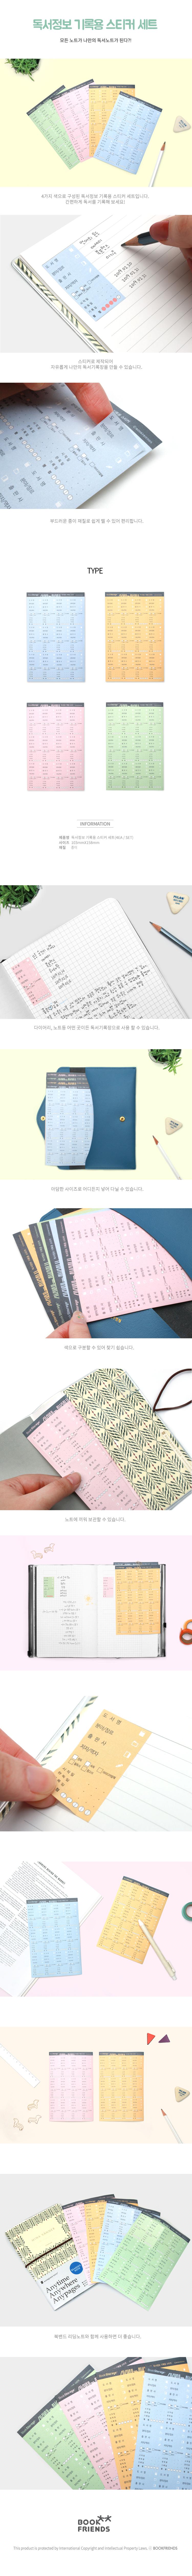 독서정보 기록용 스티커 ver.2 (4ea-SET) - 북프렌즈, 1,500원, 스티커, 리폼/DIY스티커